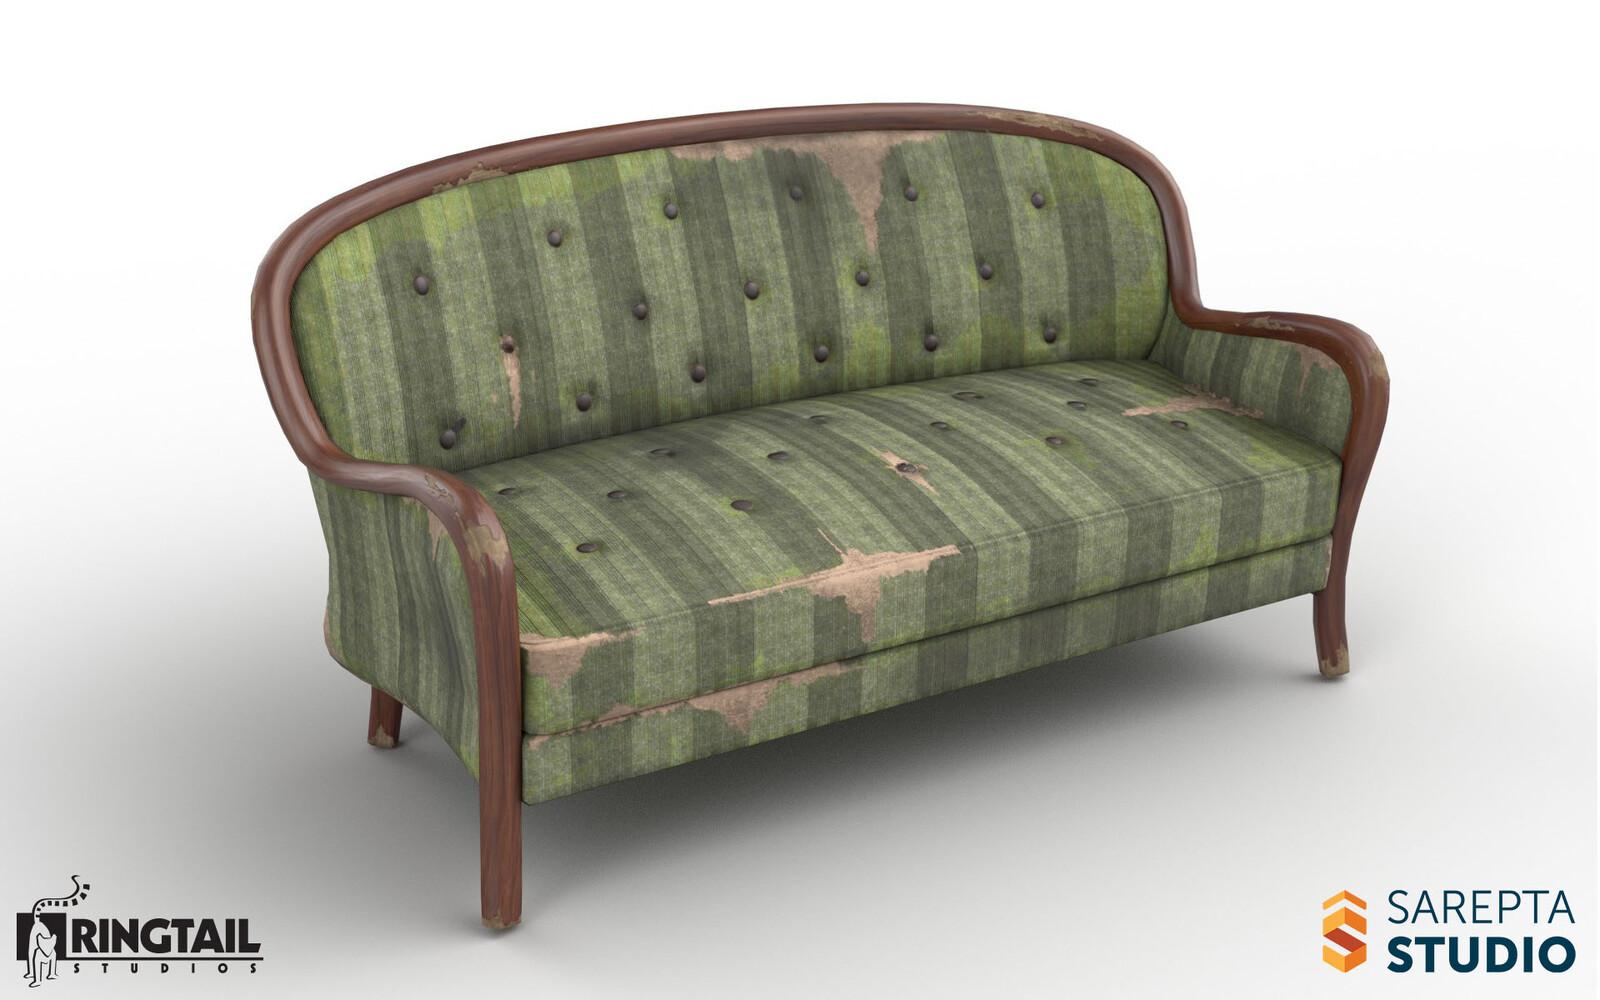 Ruined Sofa